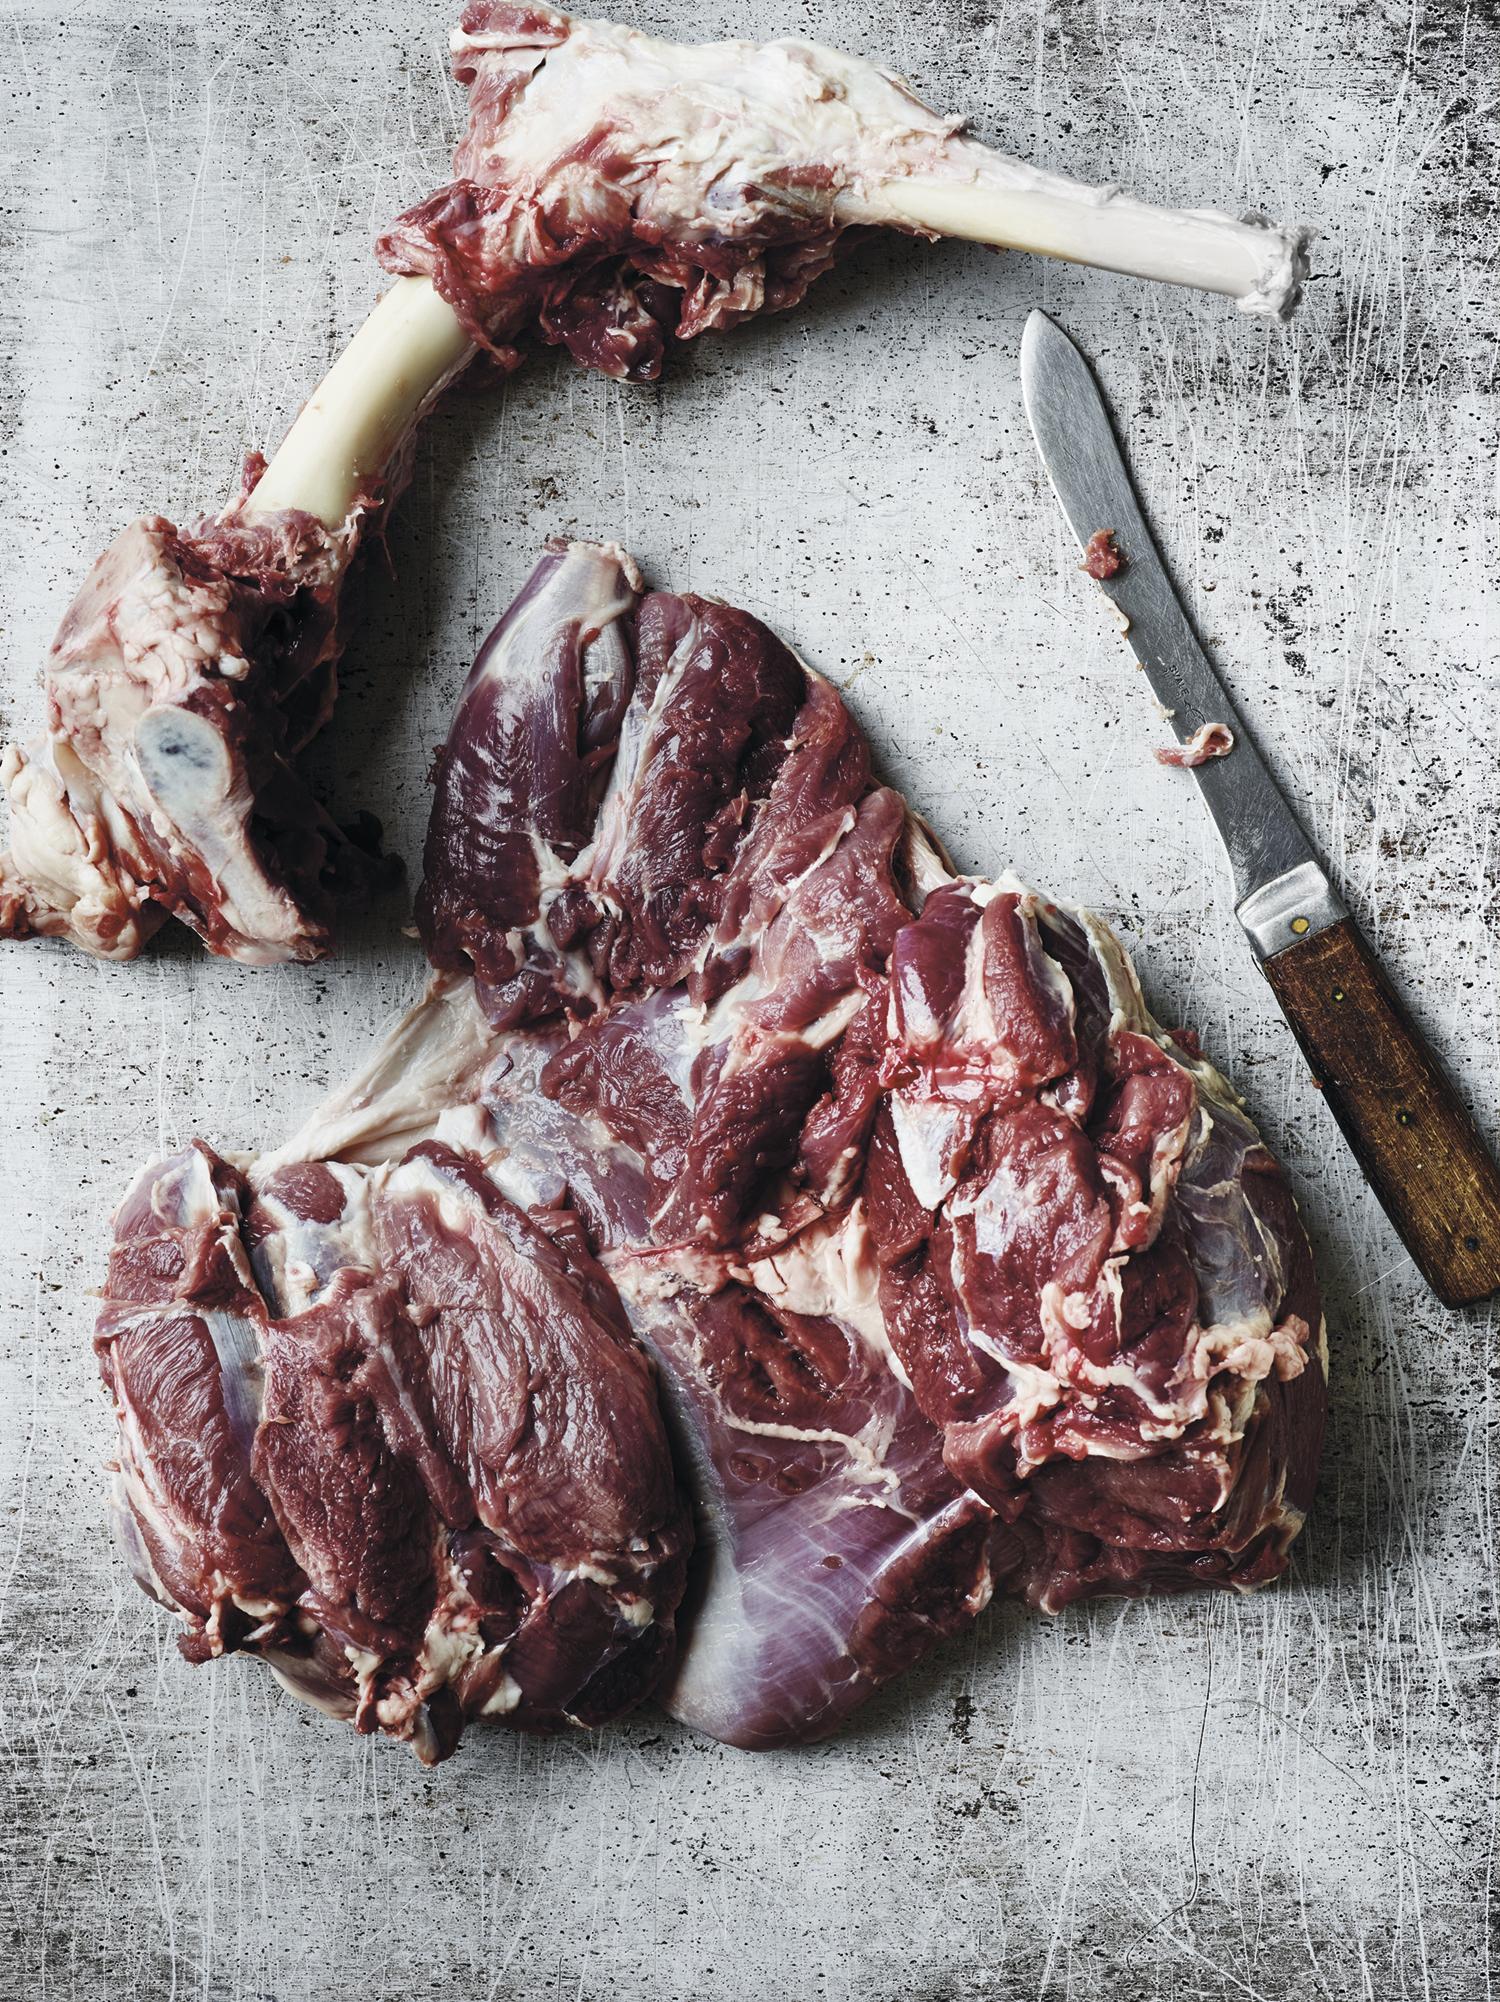 3. Når du har skåret hele veien langs beinet gjenstår det bare å frigjøre beinet fra kjøttet med fine små snitt. Pass på at du bare skjærer rundt beinet, og ikke lager dype sår i kjøttet. Ta ut beinet og bre ut kjøttet. Beinet kan du koke suppe på, og det tåler fint å bli sendt en tur i fryseren til du vil bruke det.